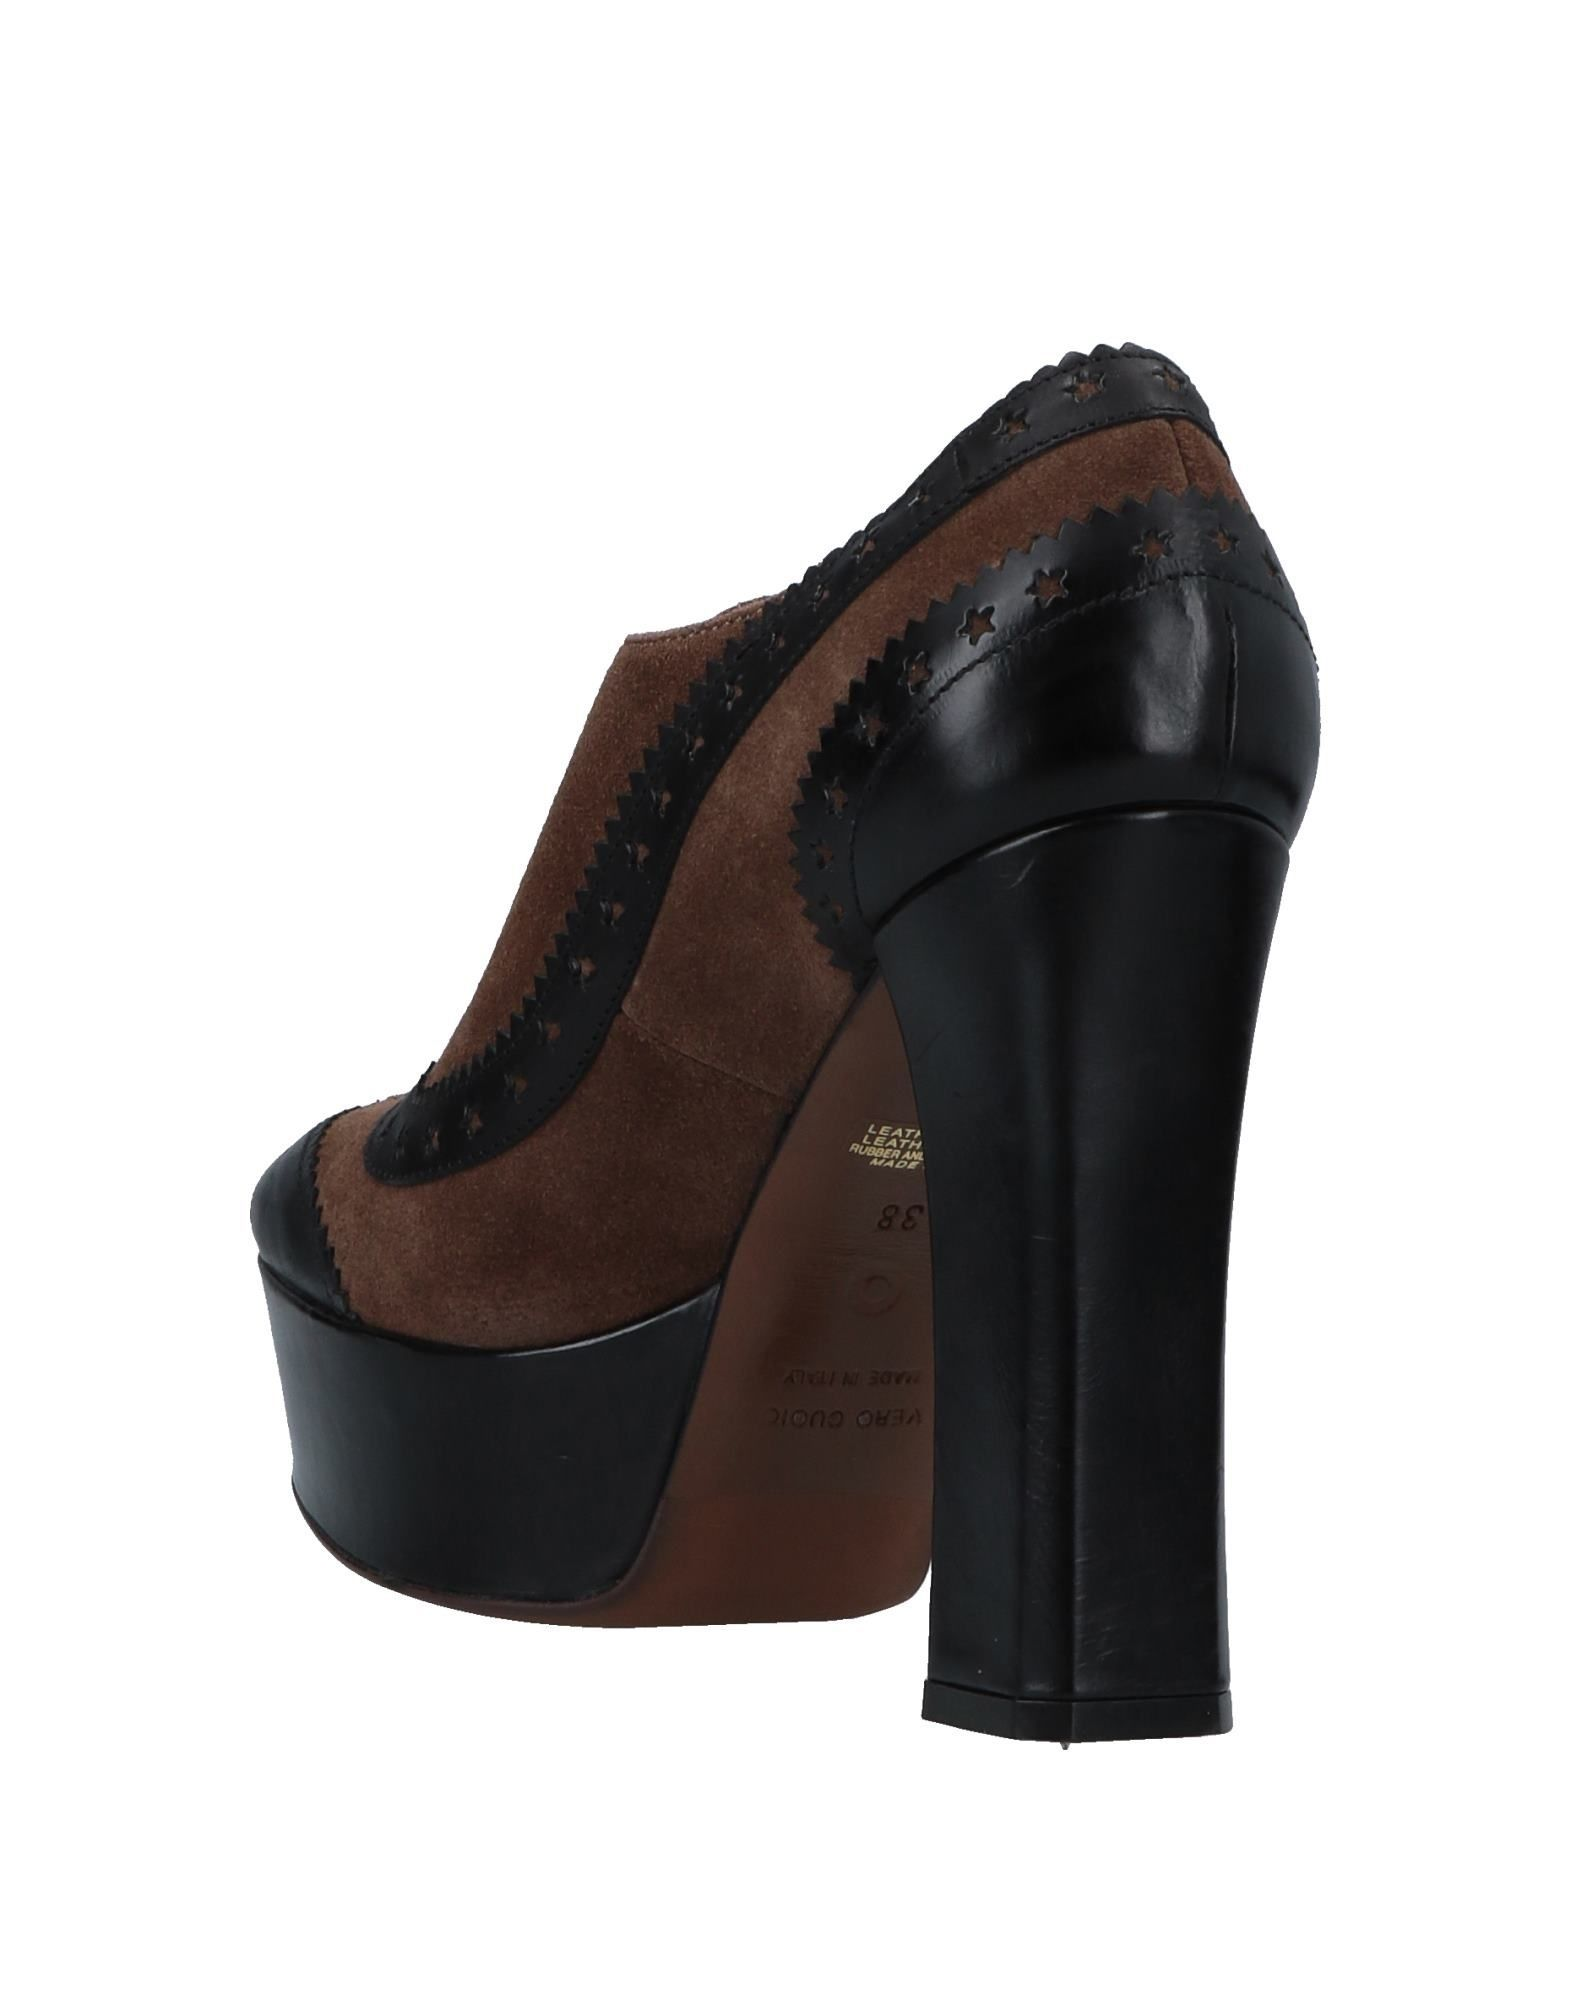 L' Autre Chose Brown Leather Lace Up Heels